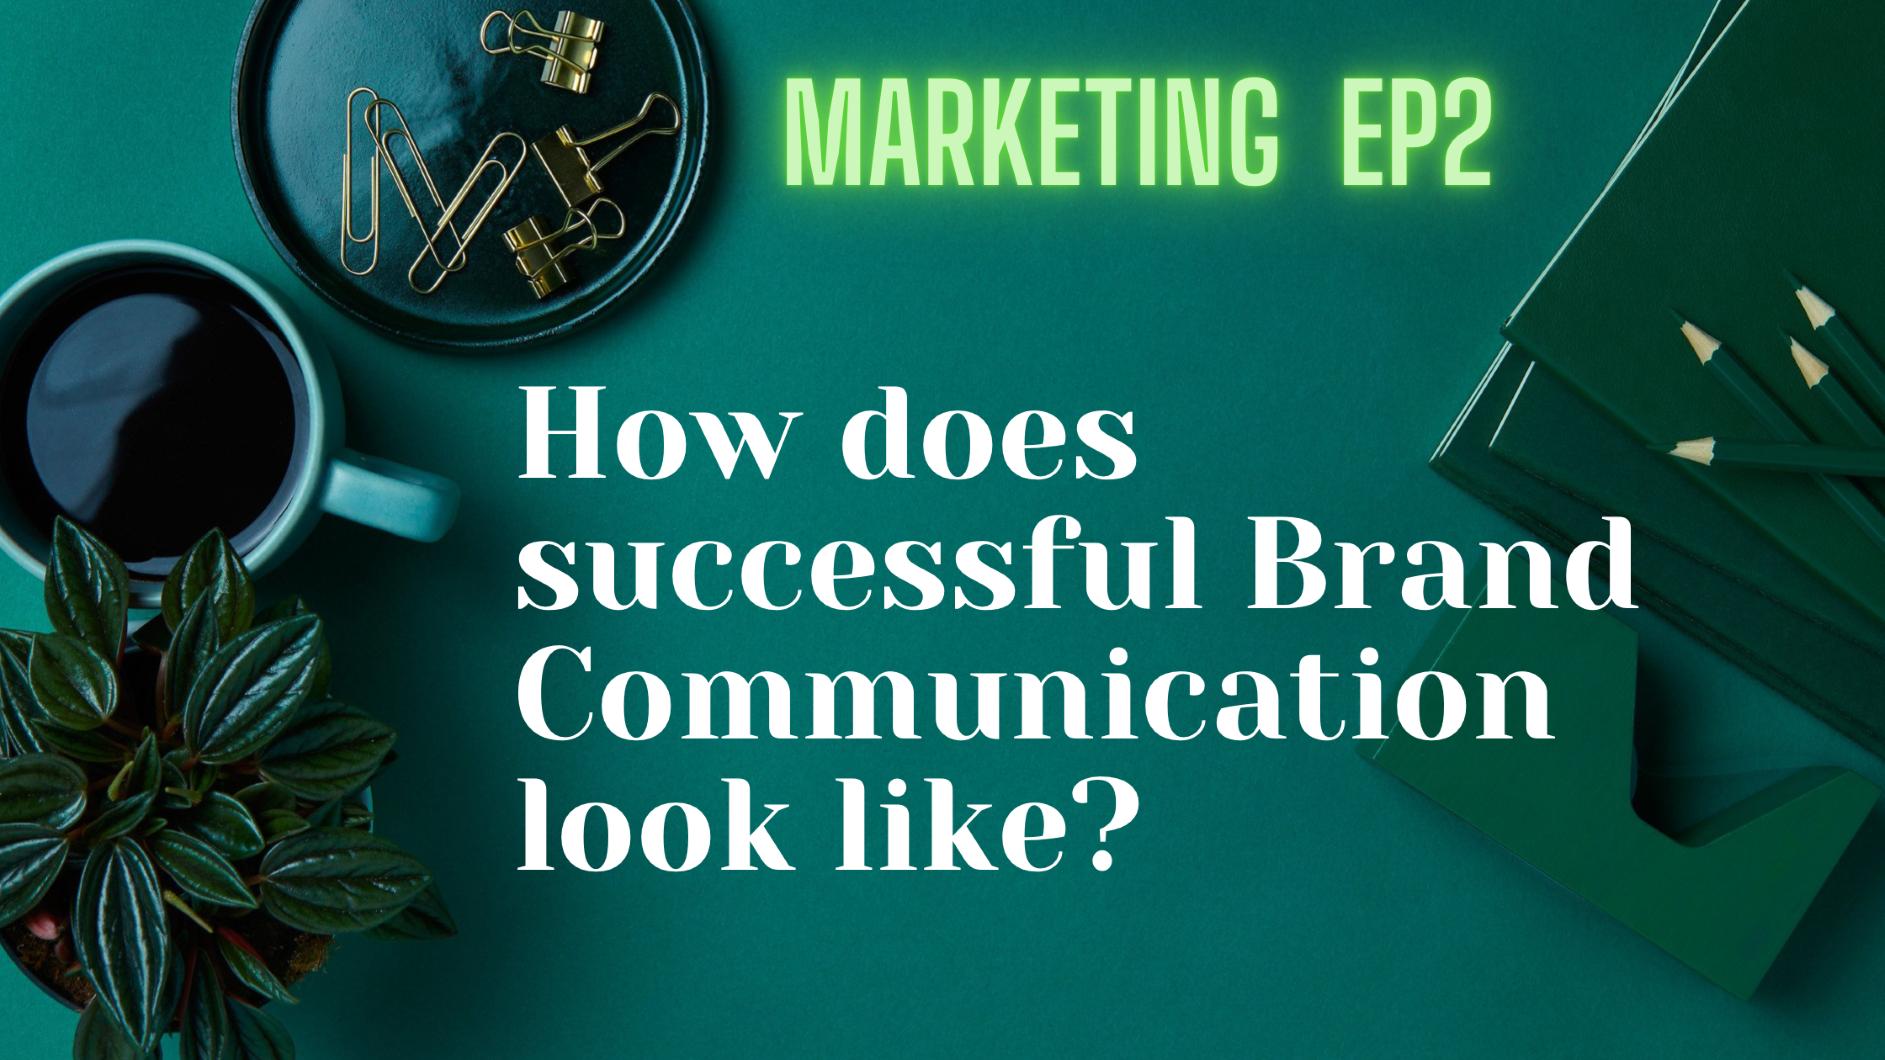 You are currently viewing การสื่อสารเพื่อสร้างตราผลิตภัณฑ์ที่ประสบความสำเร็จควรเป็นอย่างไร